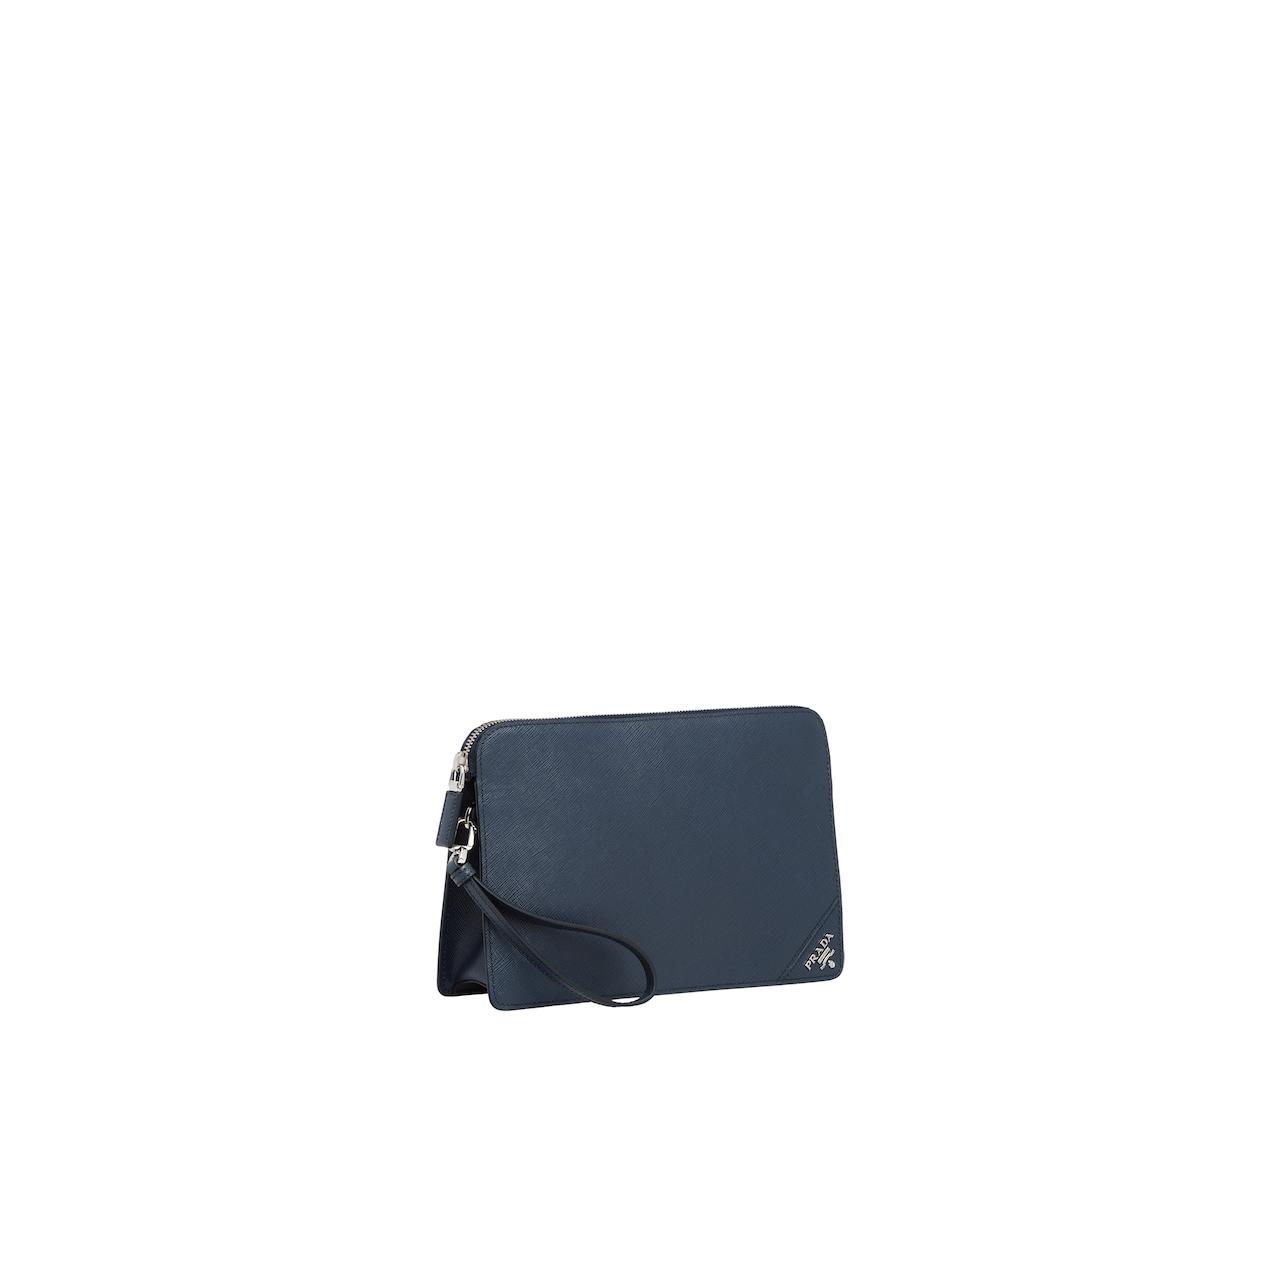 Prada Saffiano 皮革手包 3